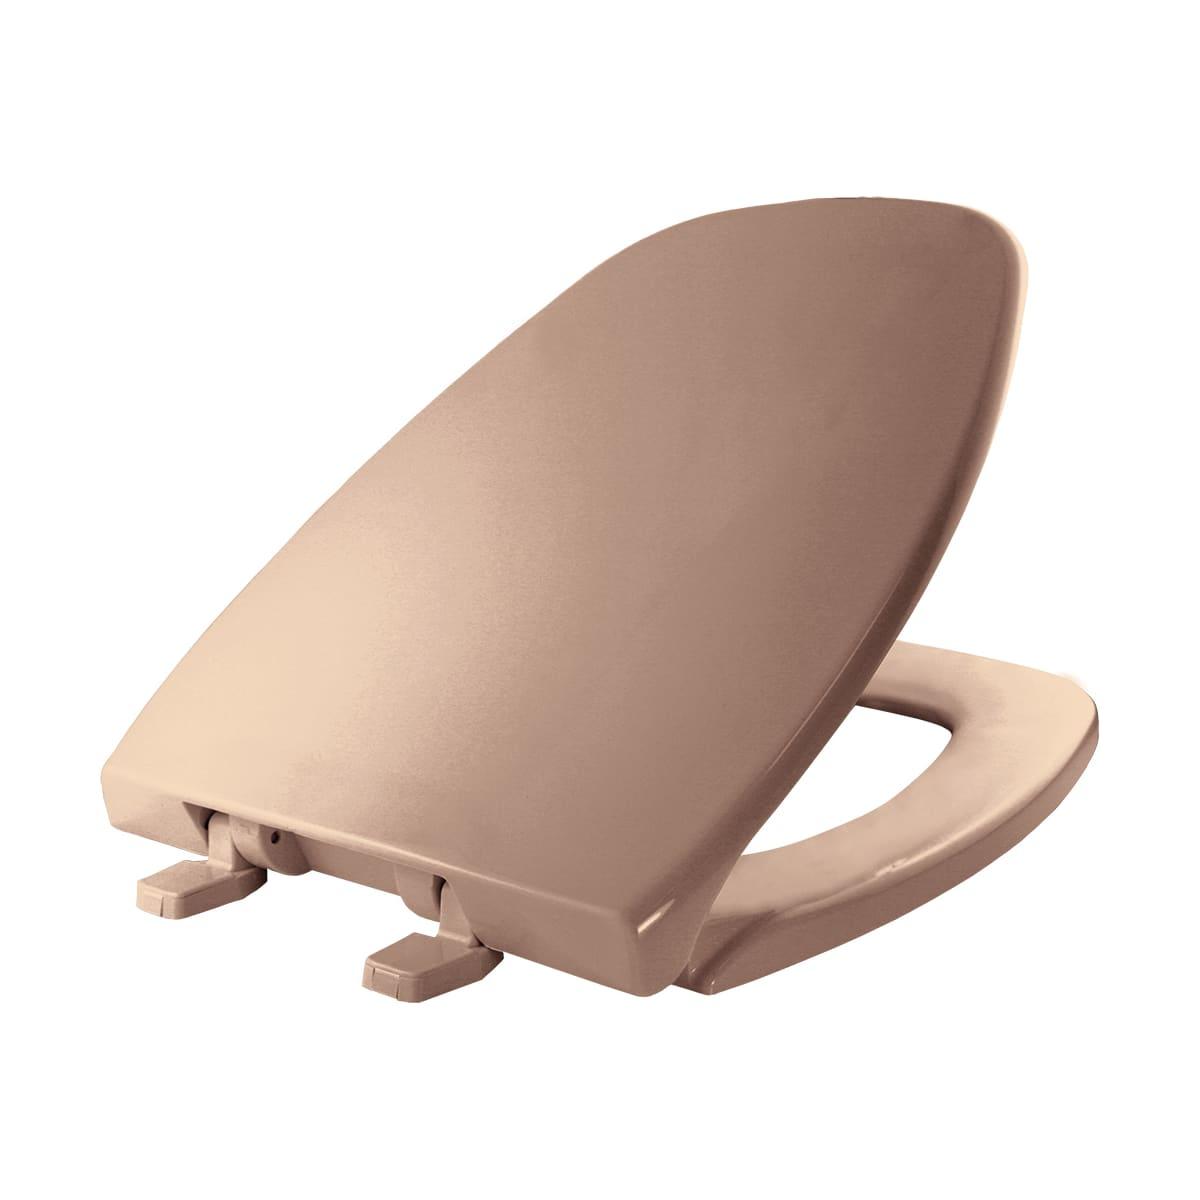 Peachy Bemis 124 0205 Build Com Uwap Interior Chair Design Uwaporg